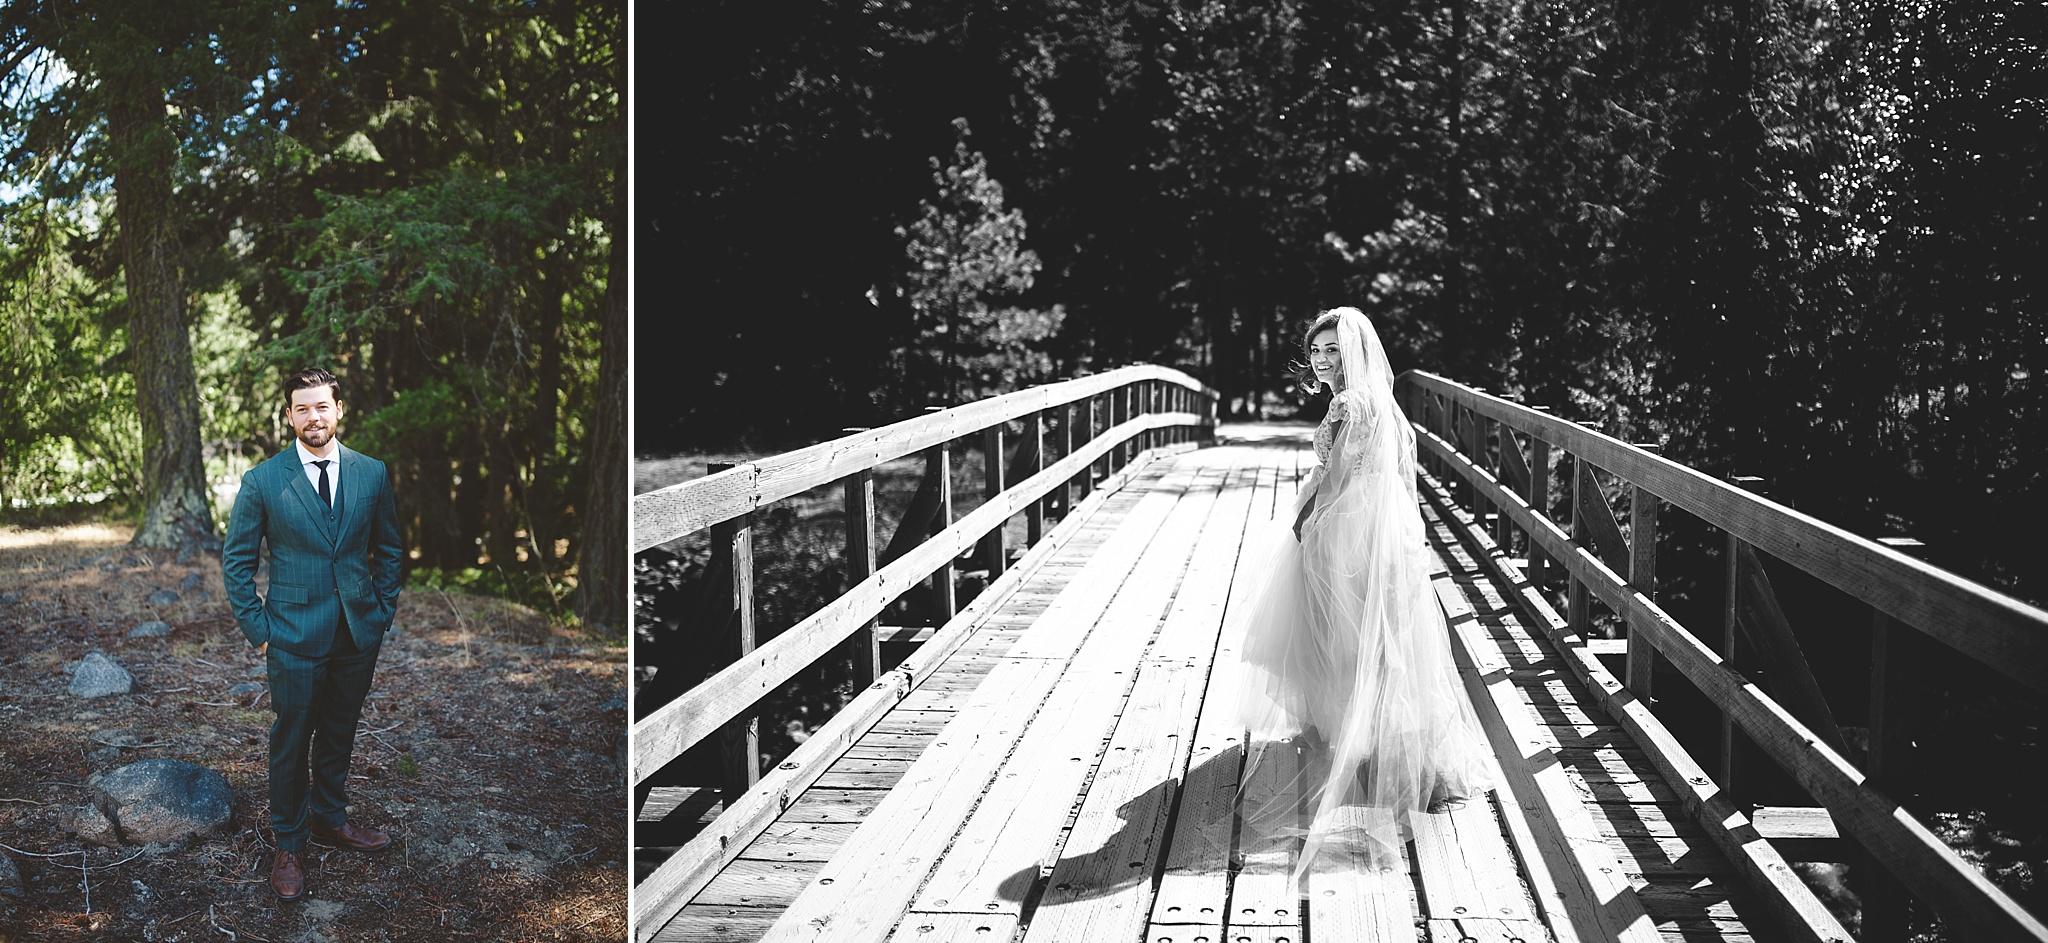 naitonal park wedding first look